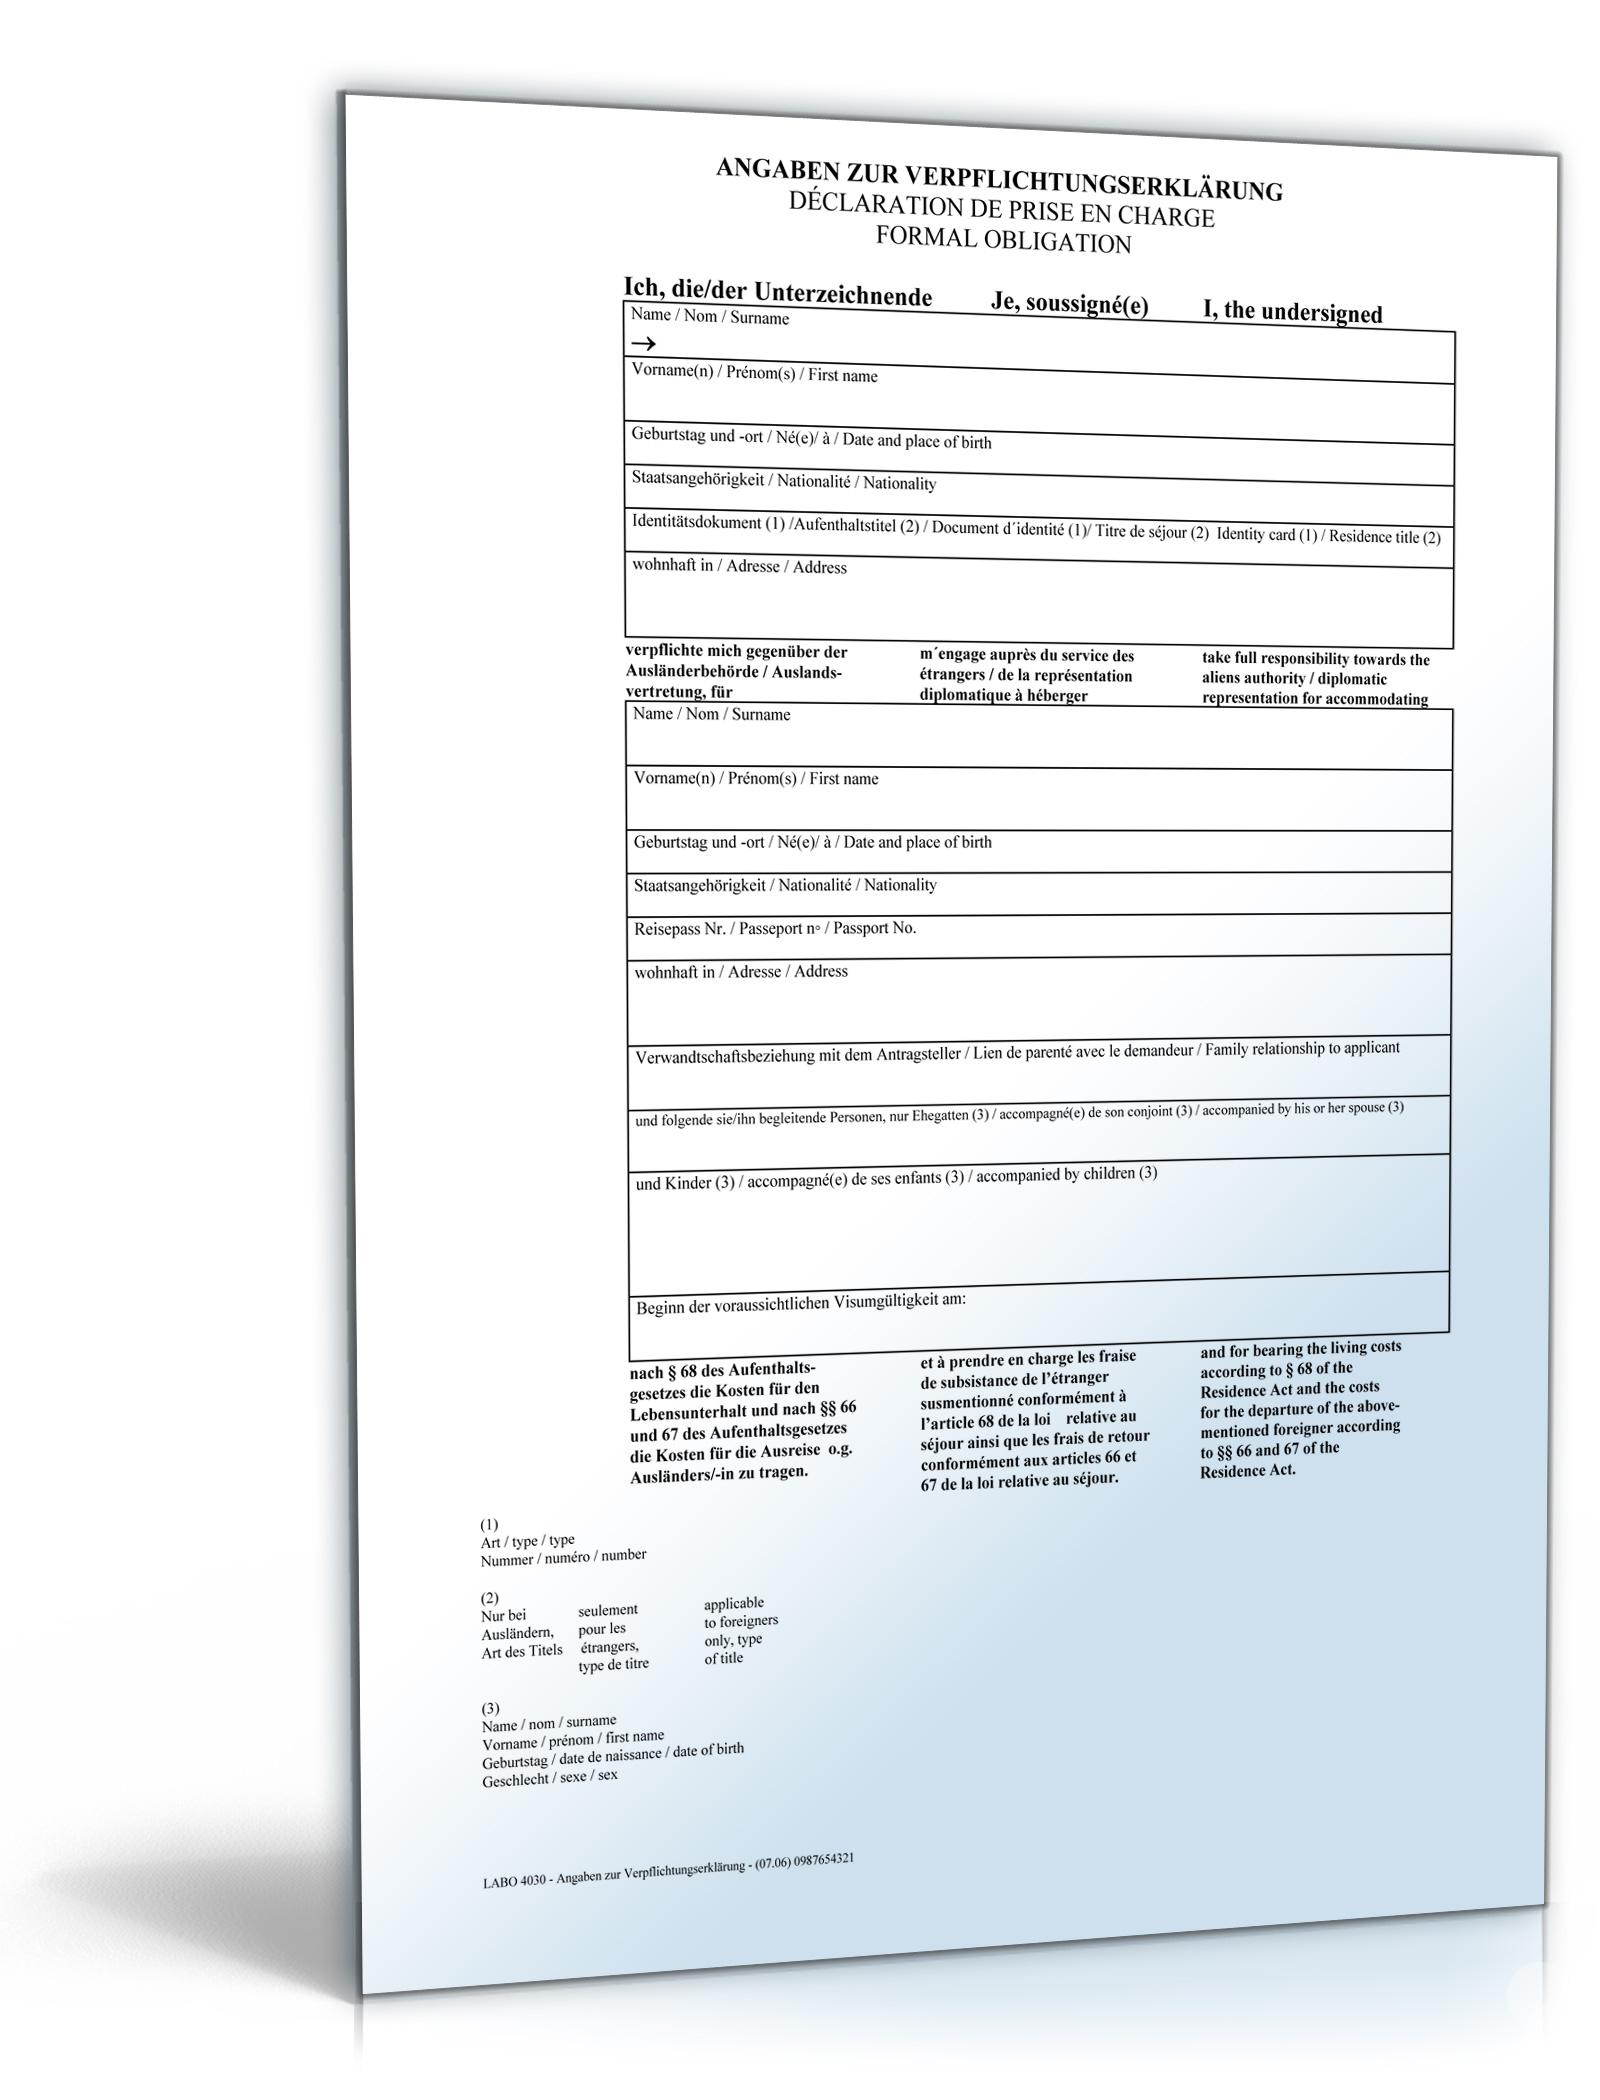 Verpflichtungserklärung für Einladung visumspflichtiger Ausländer [PDF Download]